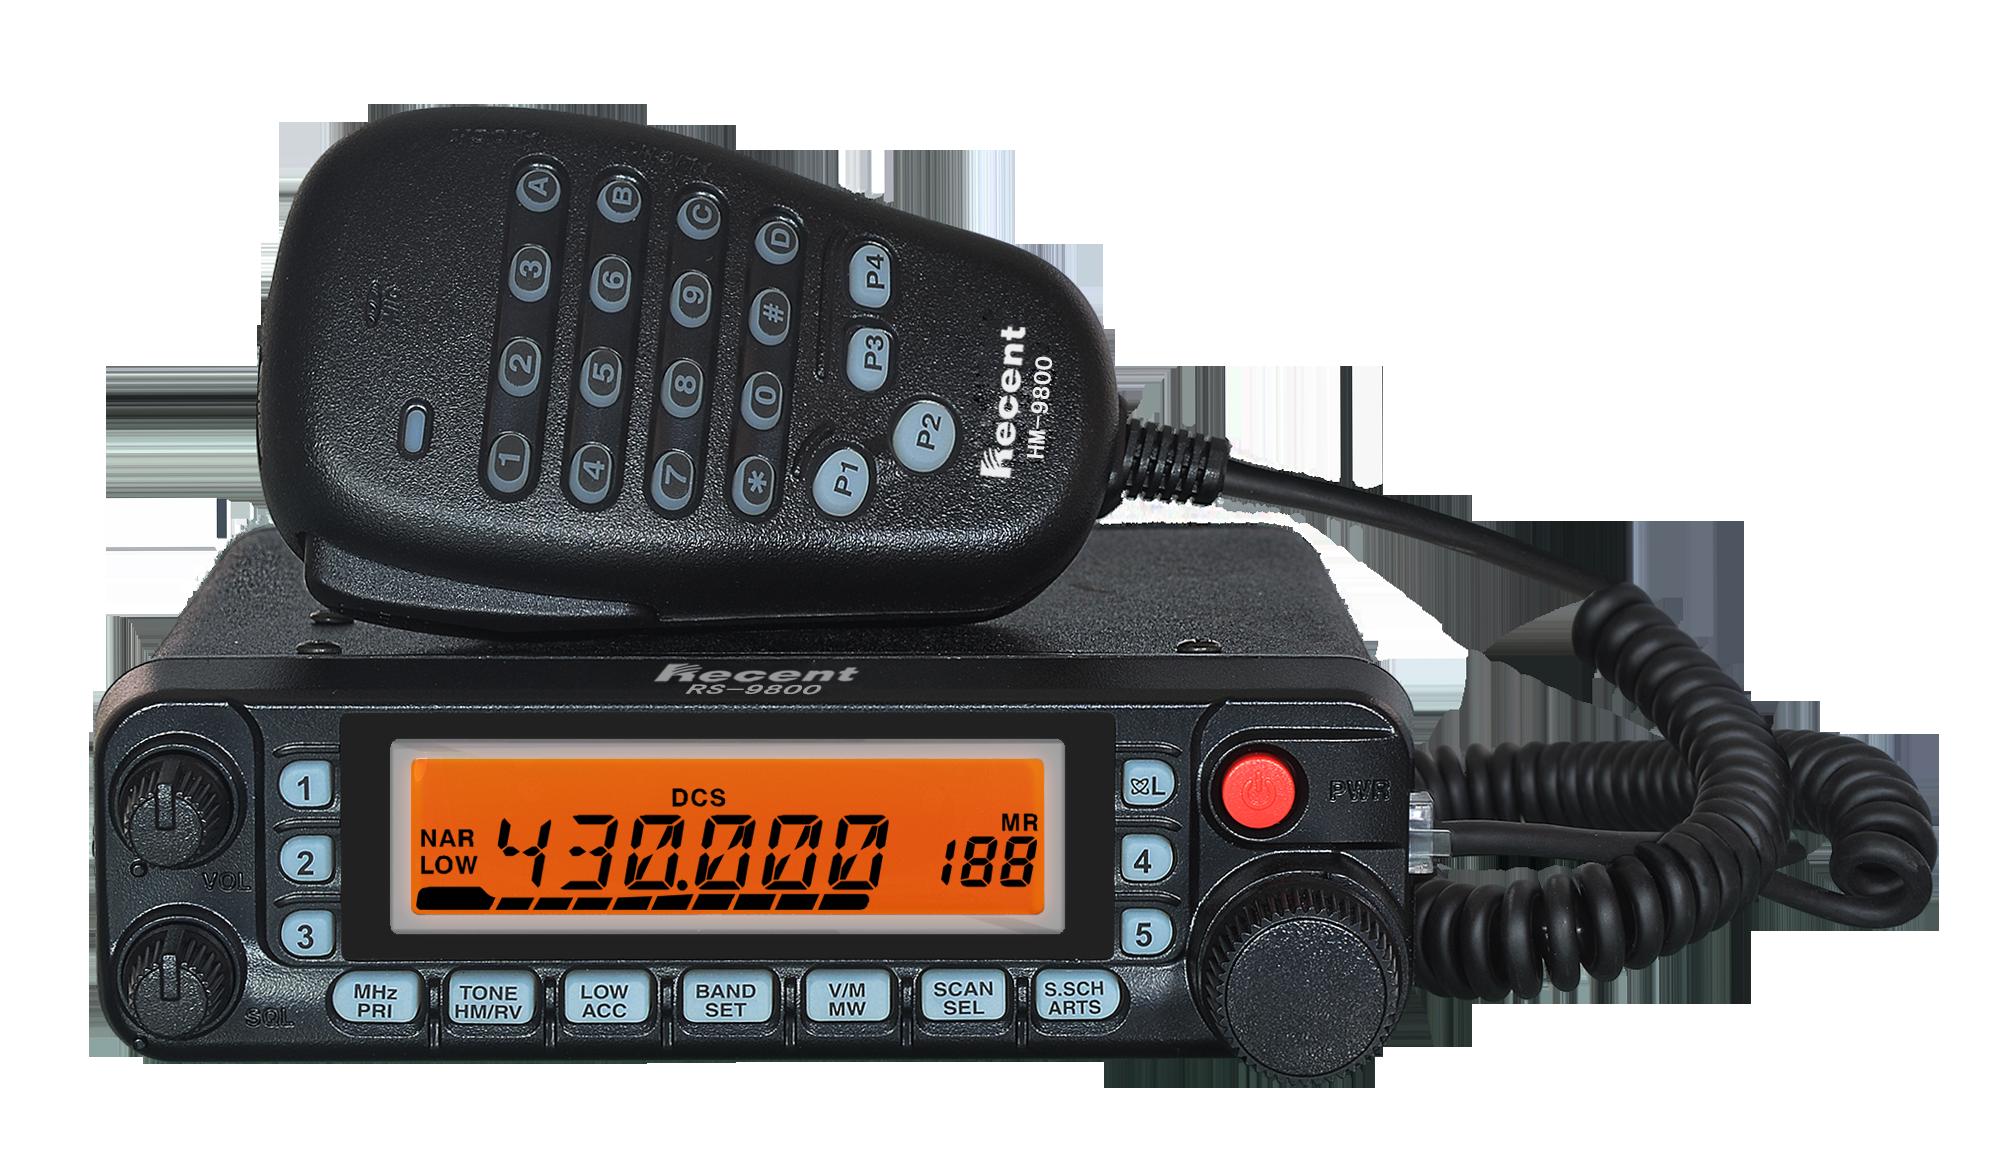 Базово-мобильная радиостанция RECENT RS-9800